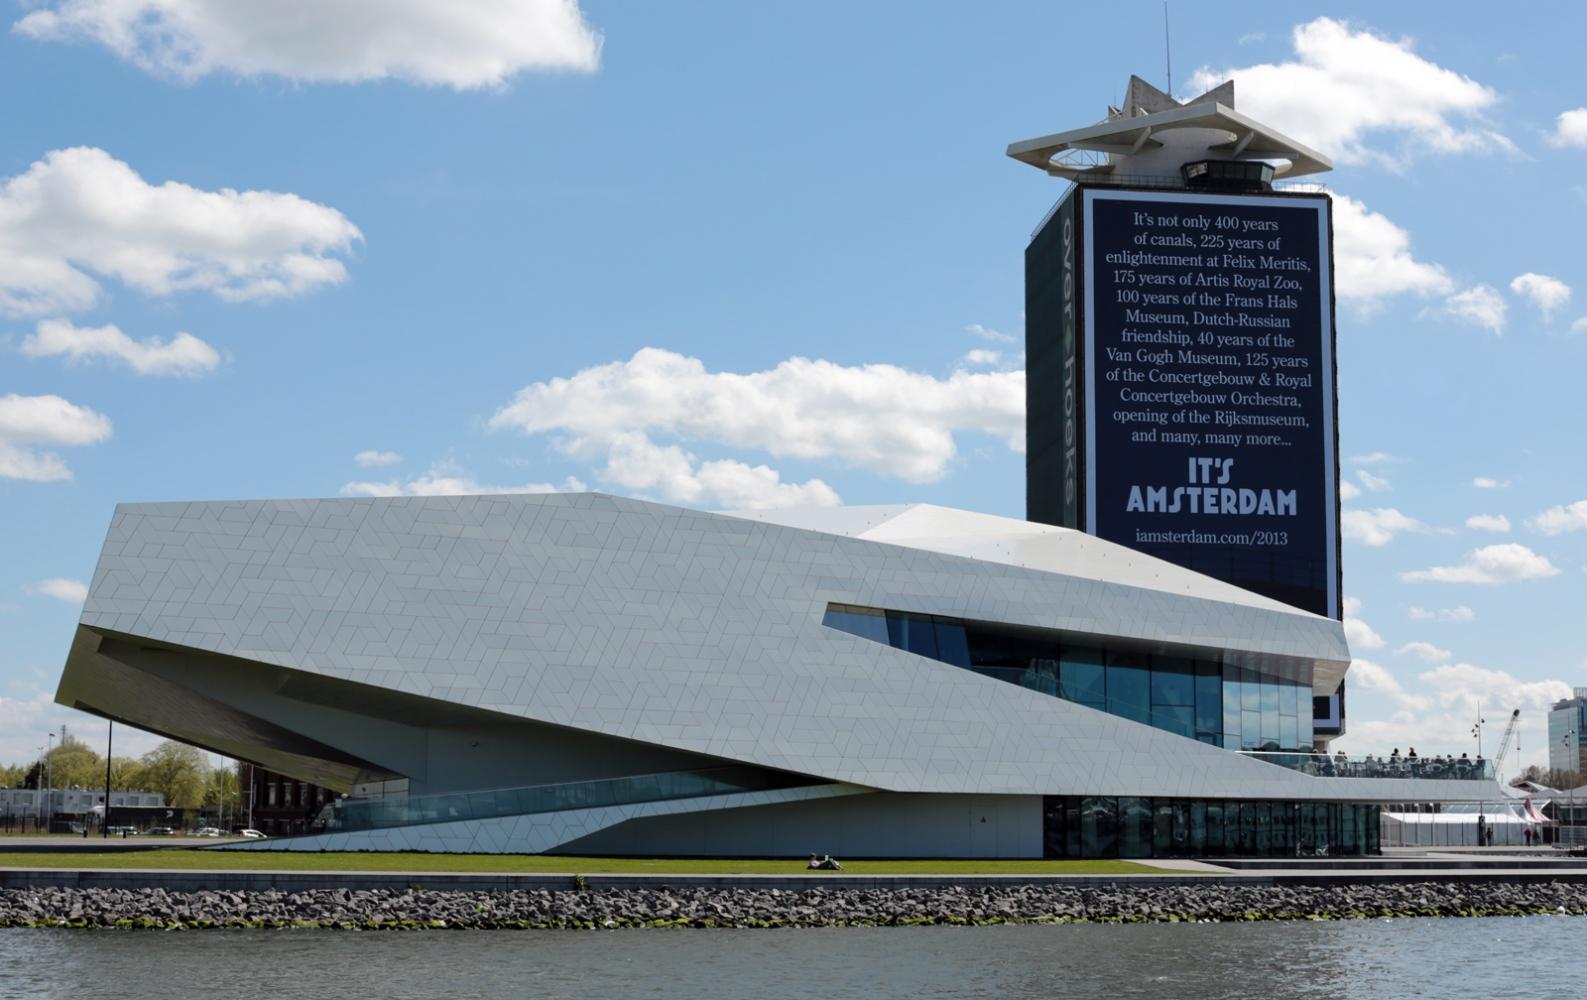 The EYE Museum located in theOverhoeksneighborhood ofAmsterdam.